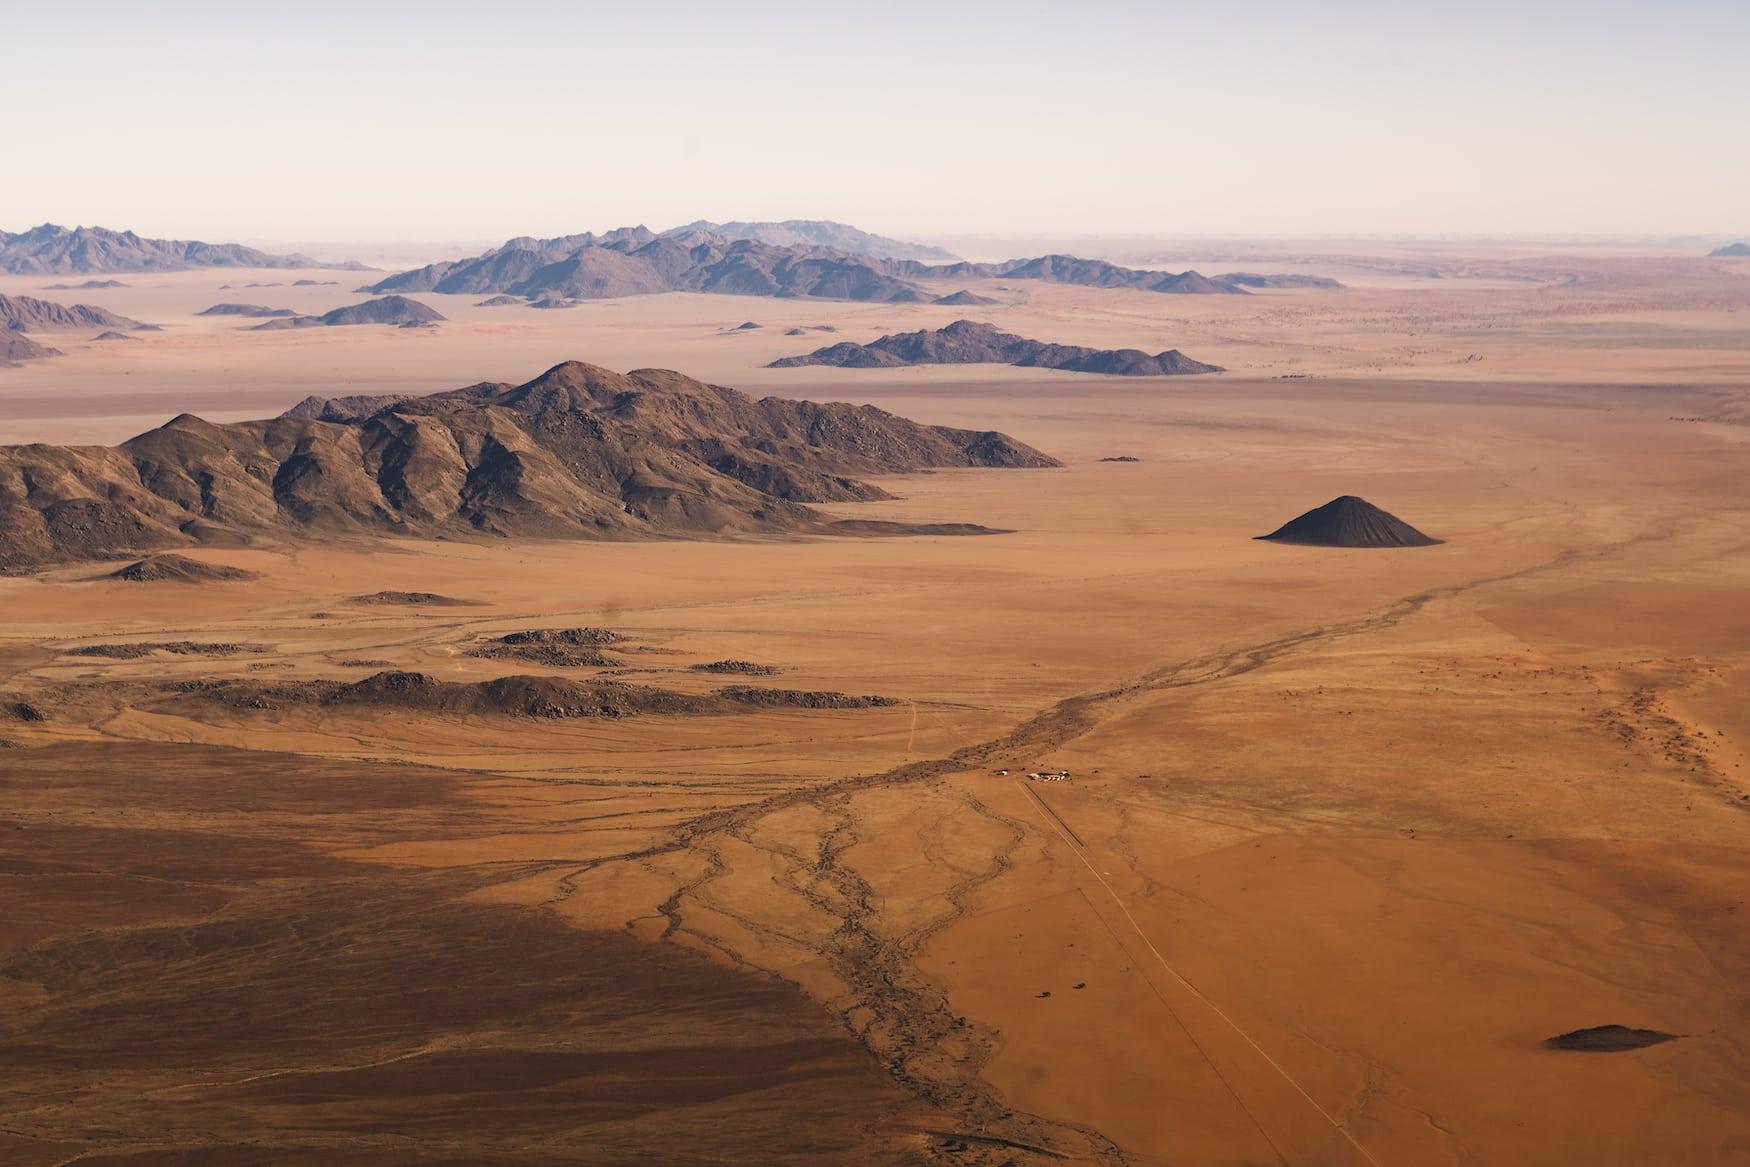 Rote Namib-Wüste in Namibia